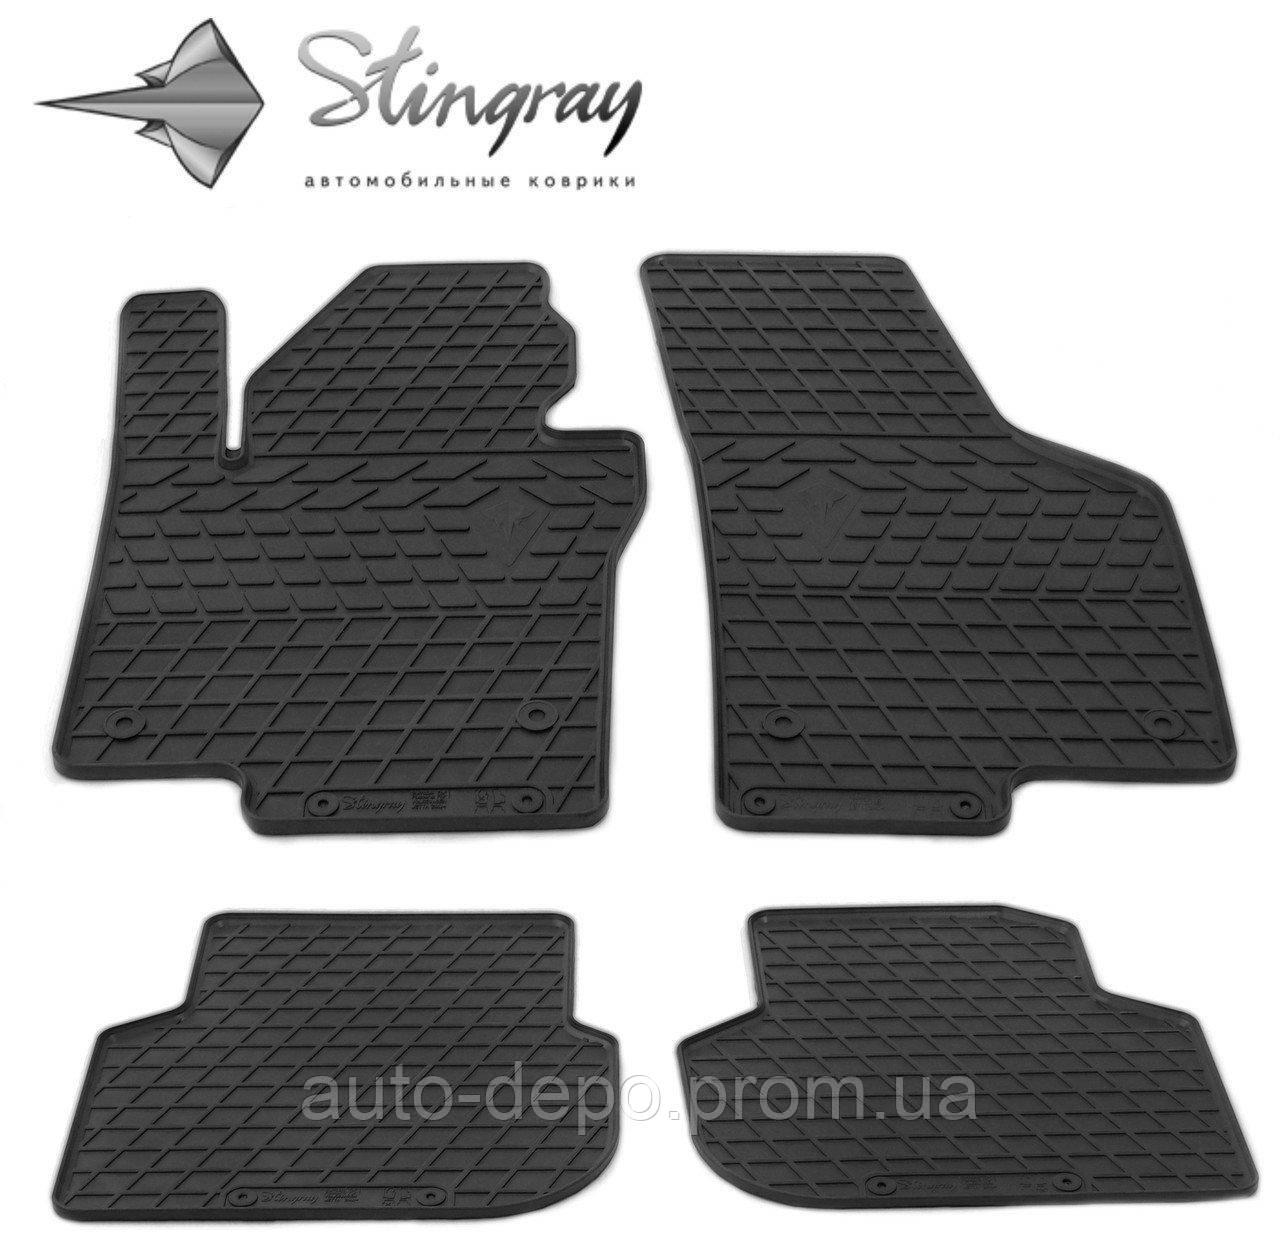 Коврики автомобильные для Volkswagen Jetta 2011- Stingray